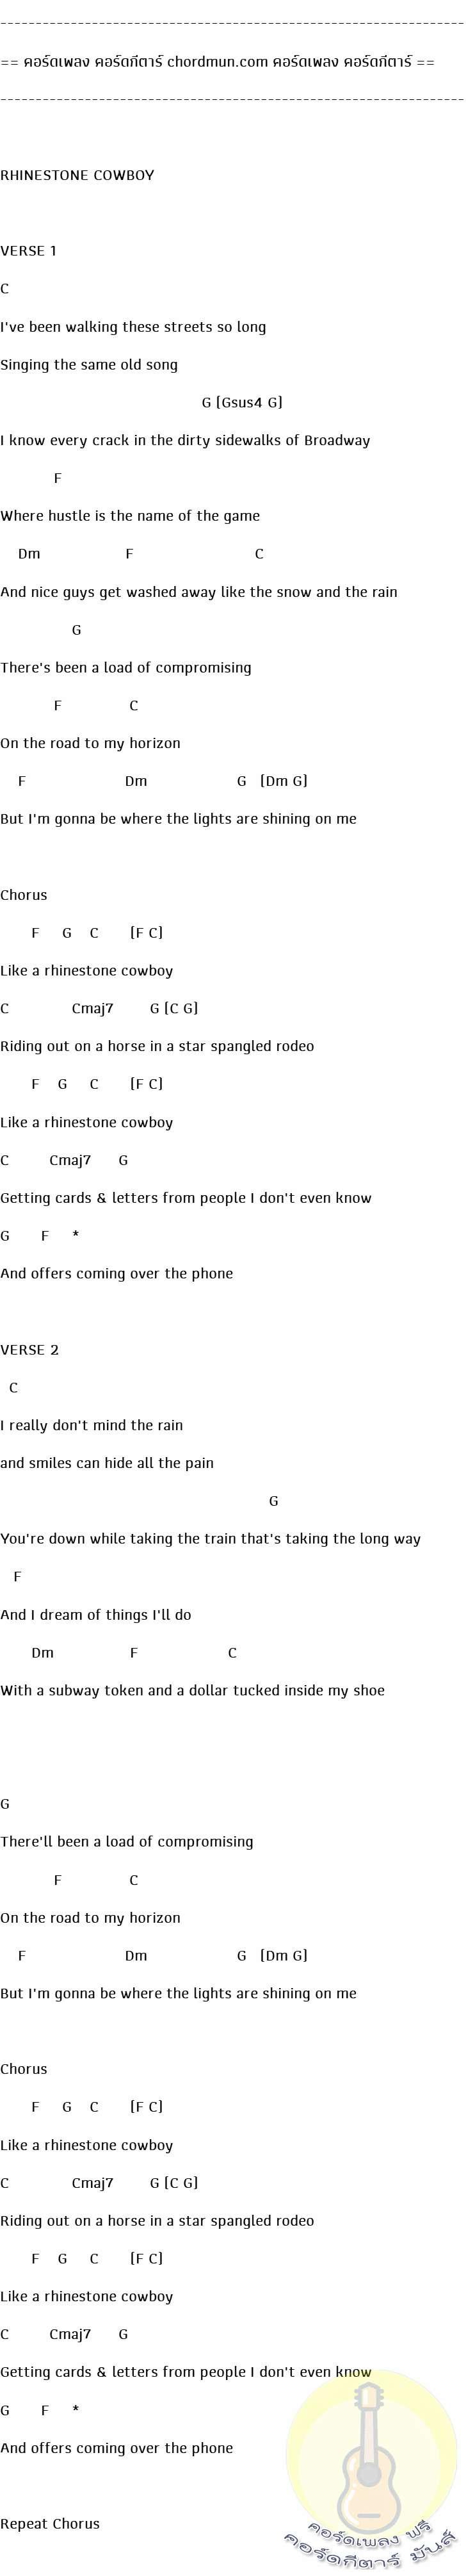 คอร์ดกีตาร์พื้นฐาน  เพลง RHINESTONE COWBOY